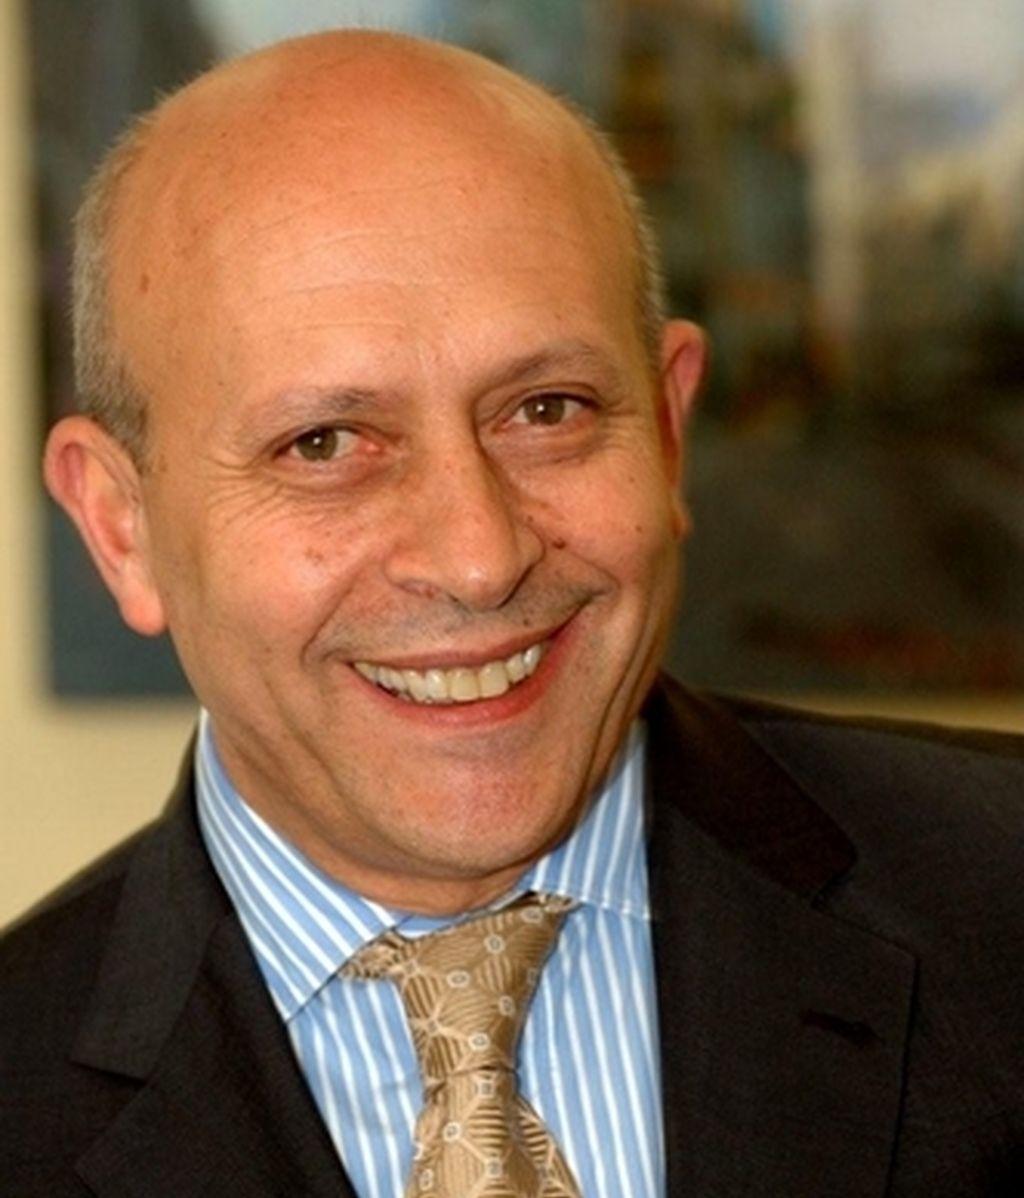 José Ignacio Wert, Ministerio de Educación y Cultura